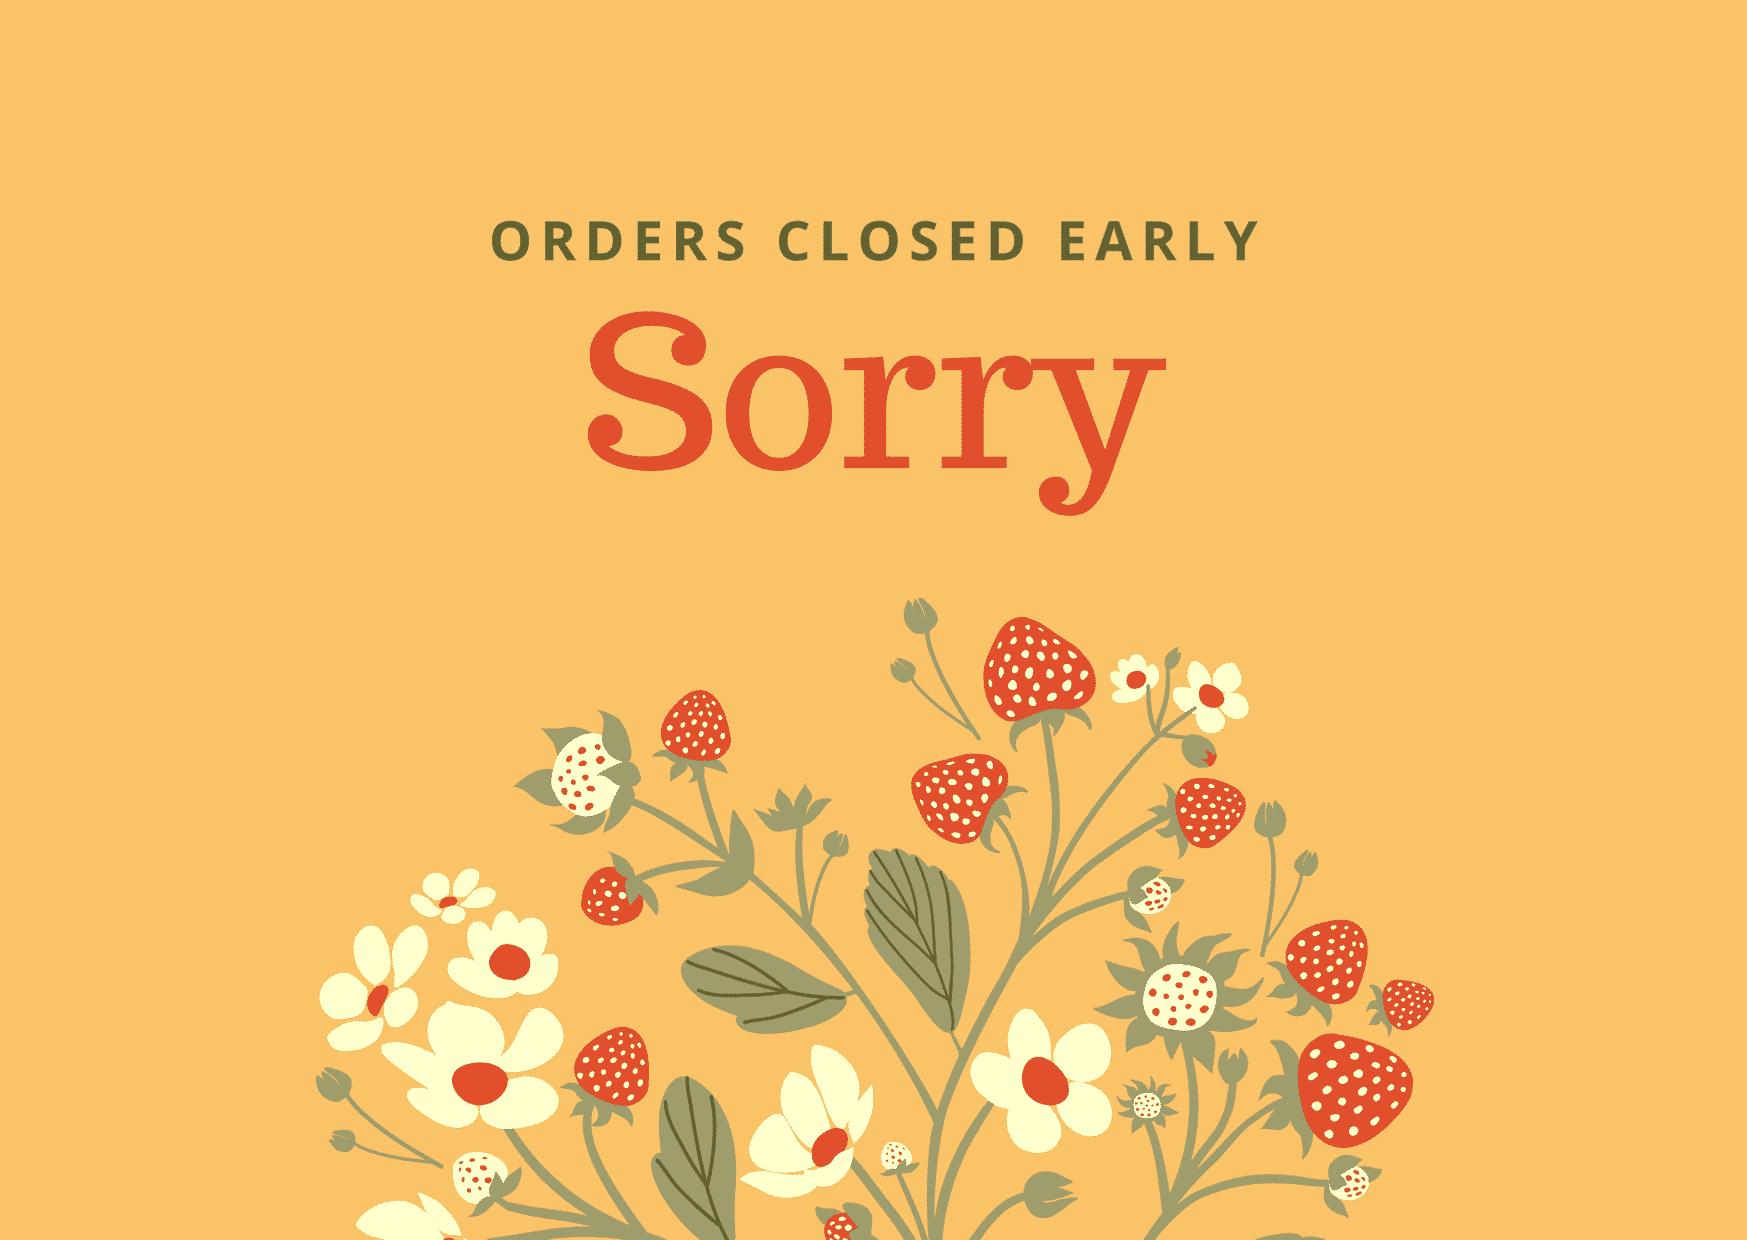 Update on orders 4 February 2021